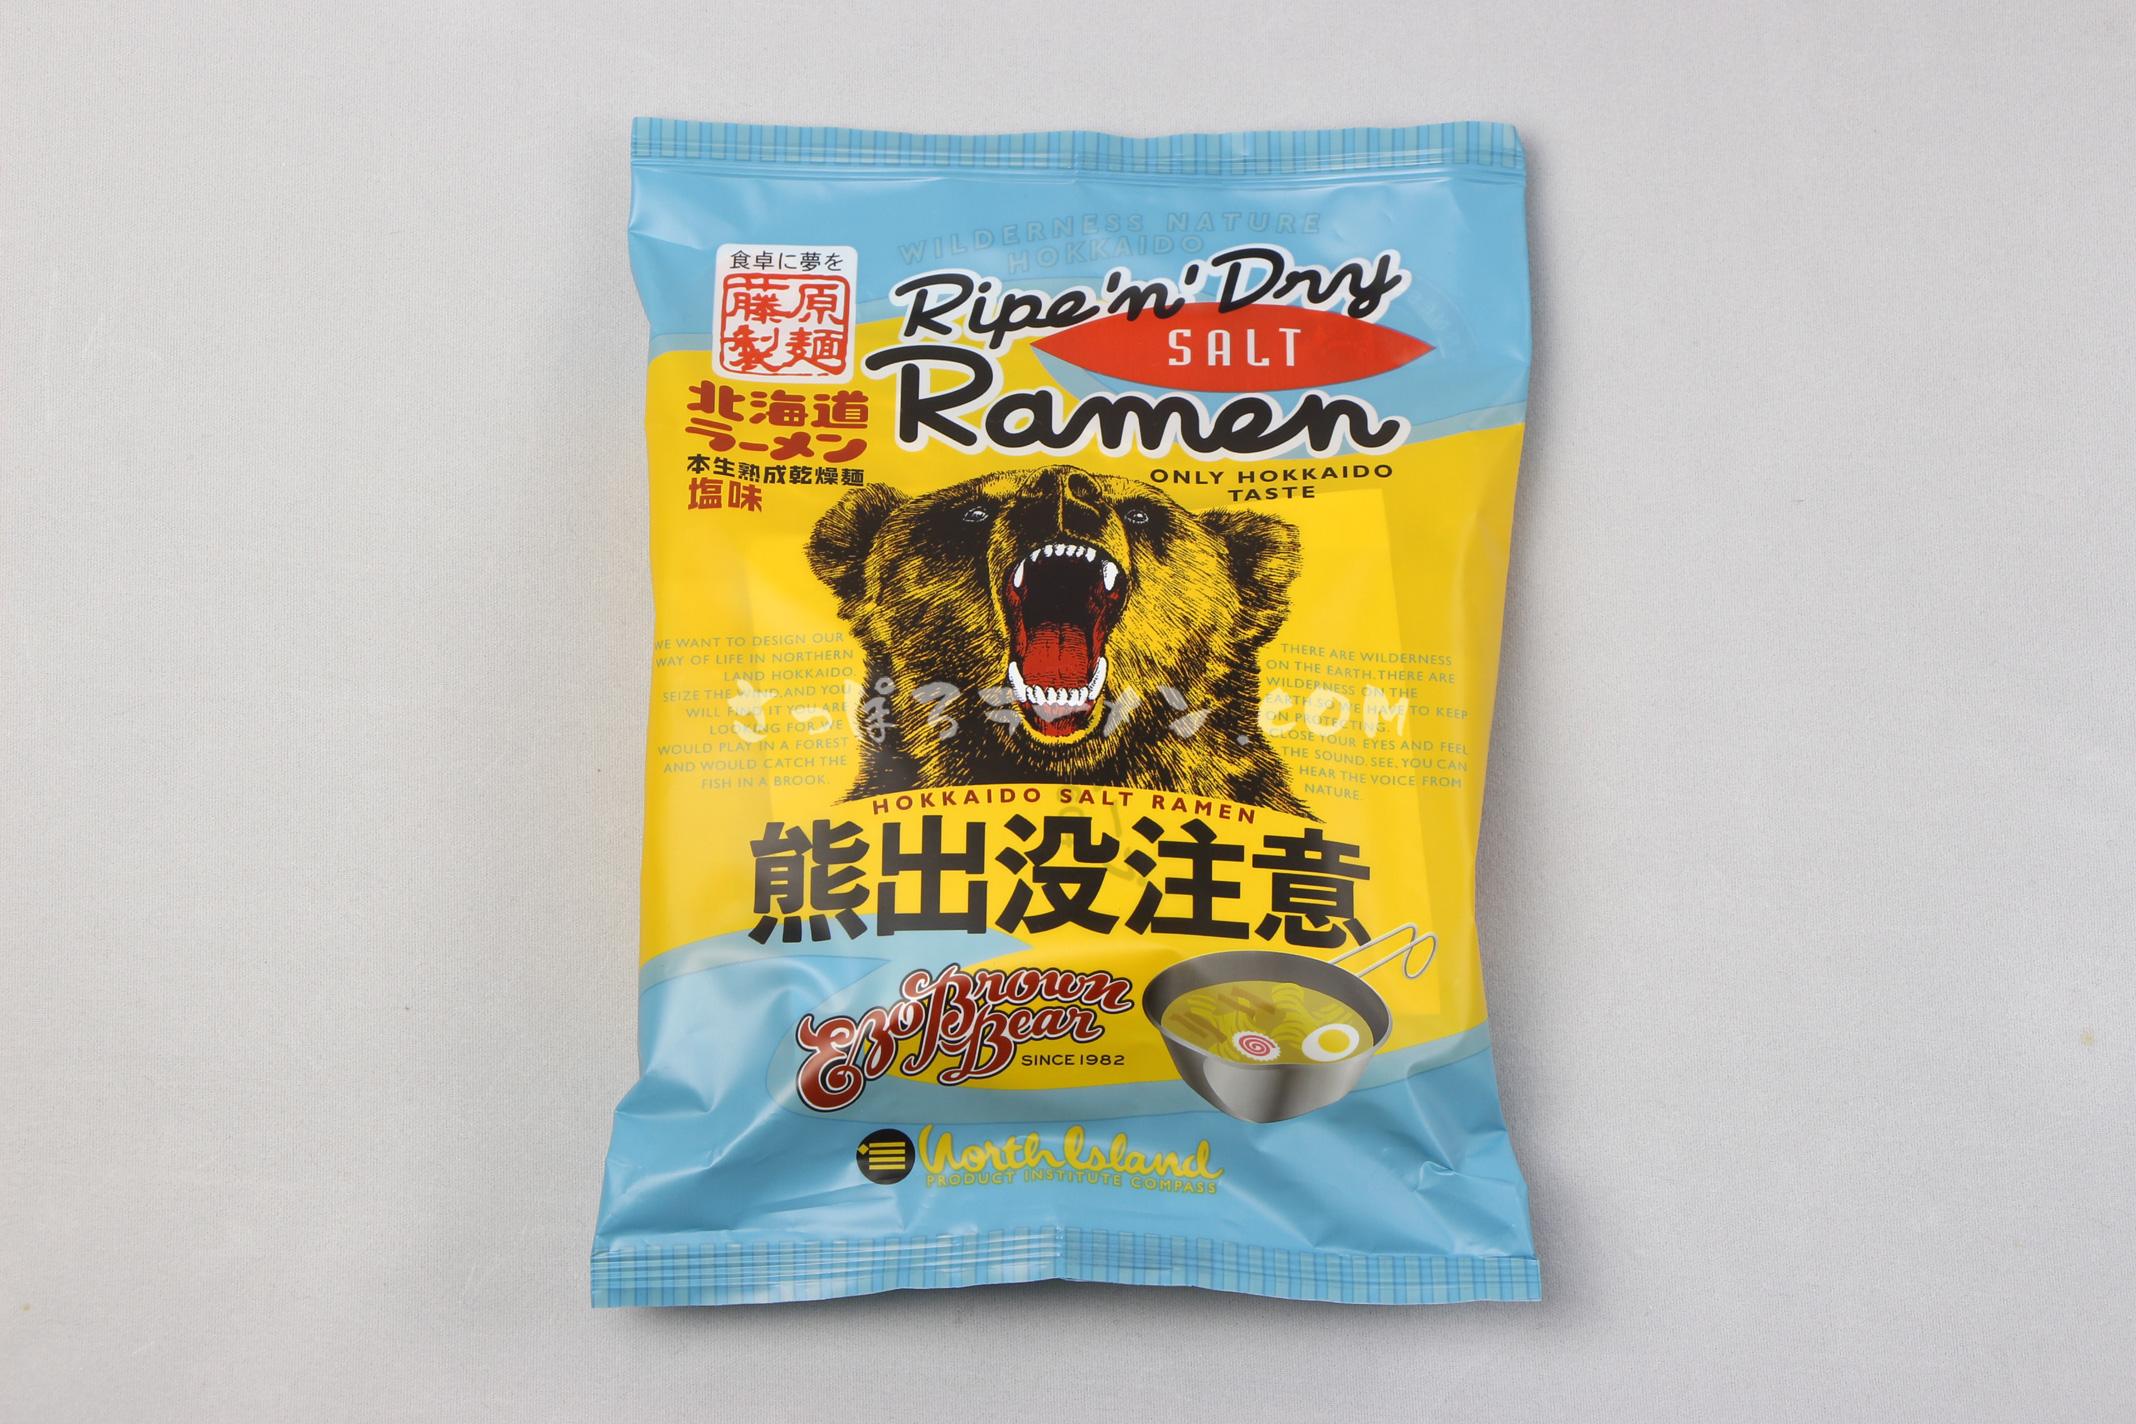 「熊出没注意ラーメン 塩味」(藤原製麺)のパッケージ(表)